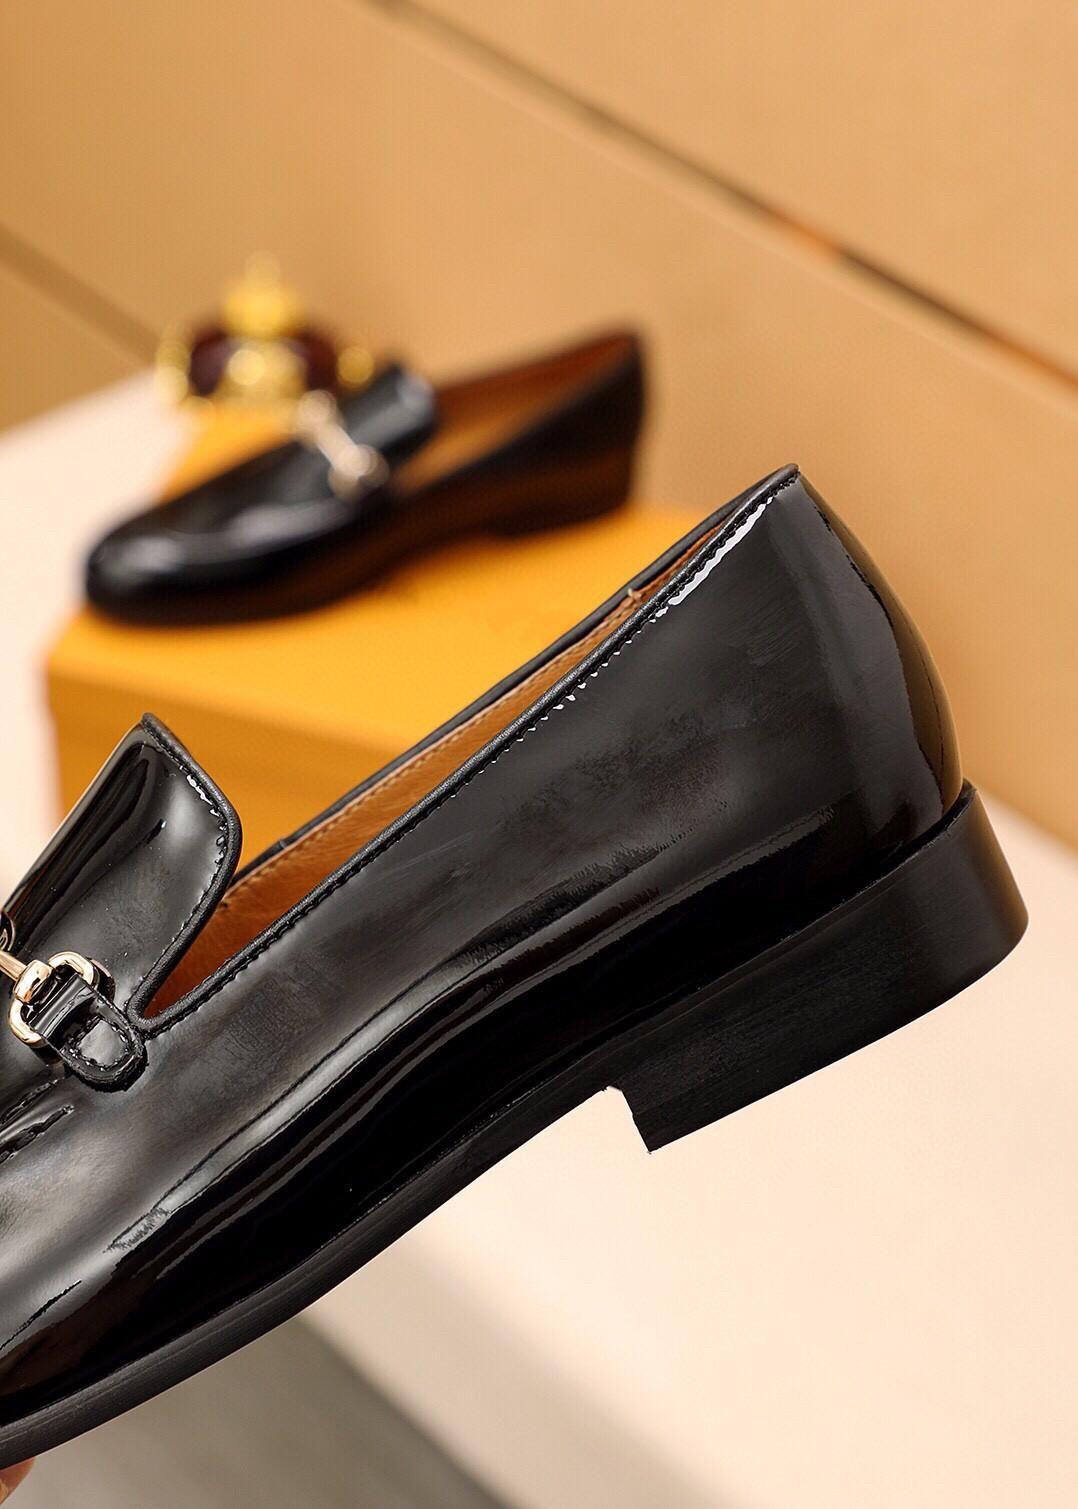 Uomini di lusso Scarpe in vera pelle d'affari Abito da uomo Scarpe da uomo Brand Brand Bullock Genuine Pelle Nero Lacci da uomo Scarpe da uomo 2020 Primavera